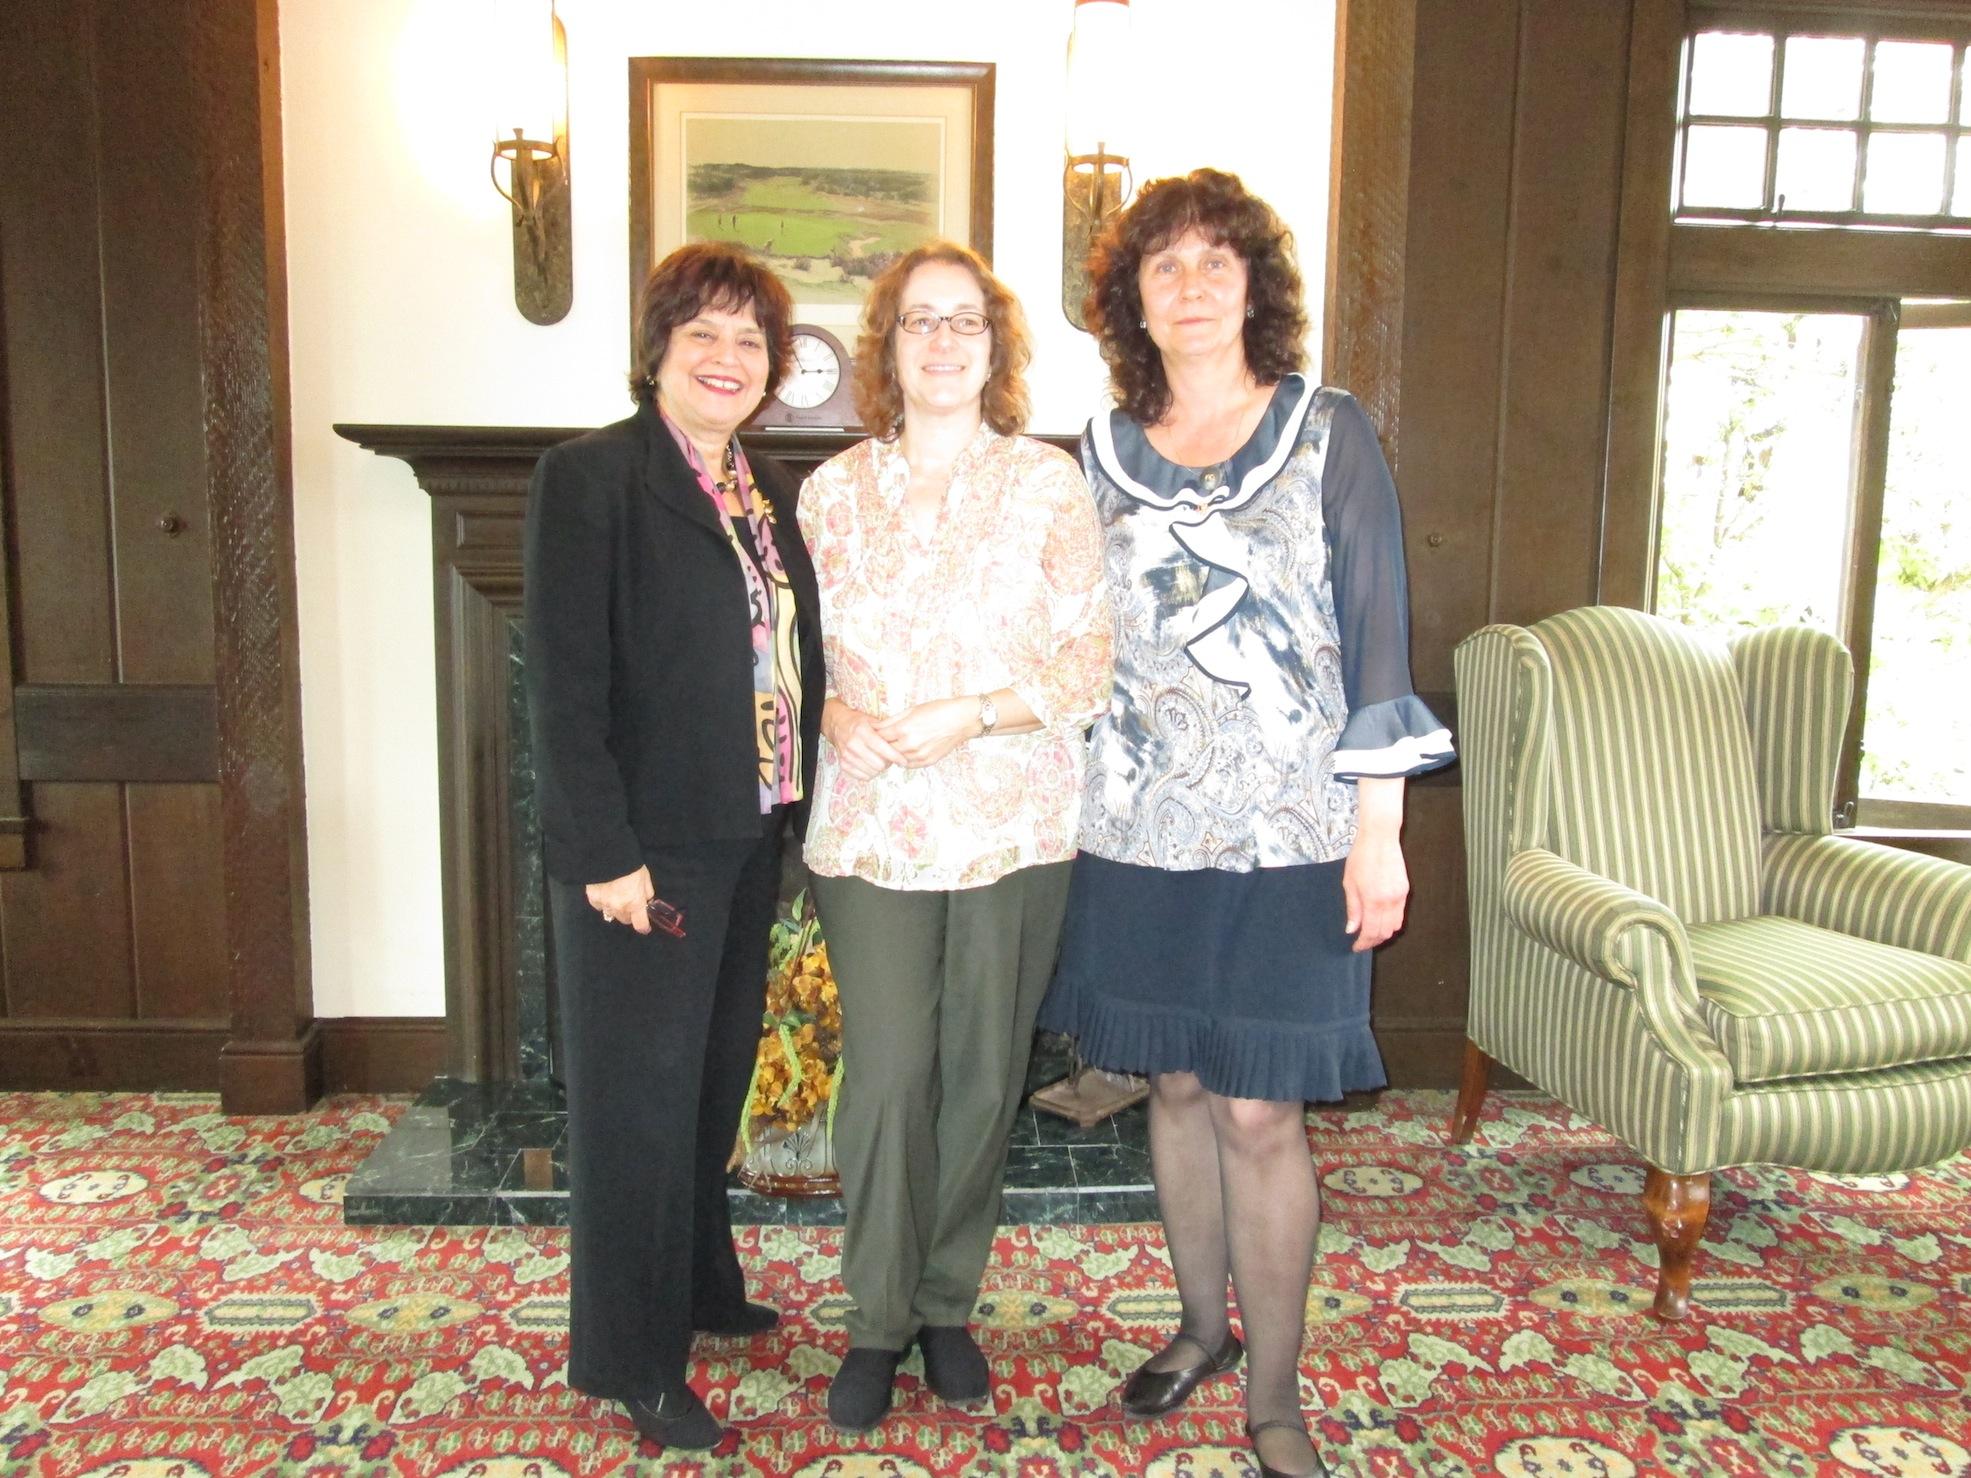 Regional Meeting with Nancy Kaufman5_Nov 8, 2012.JPG